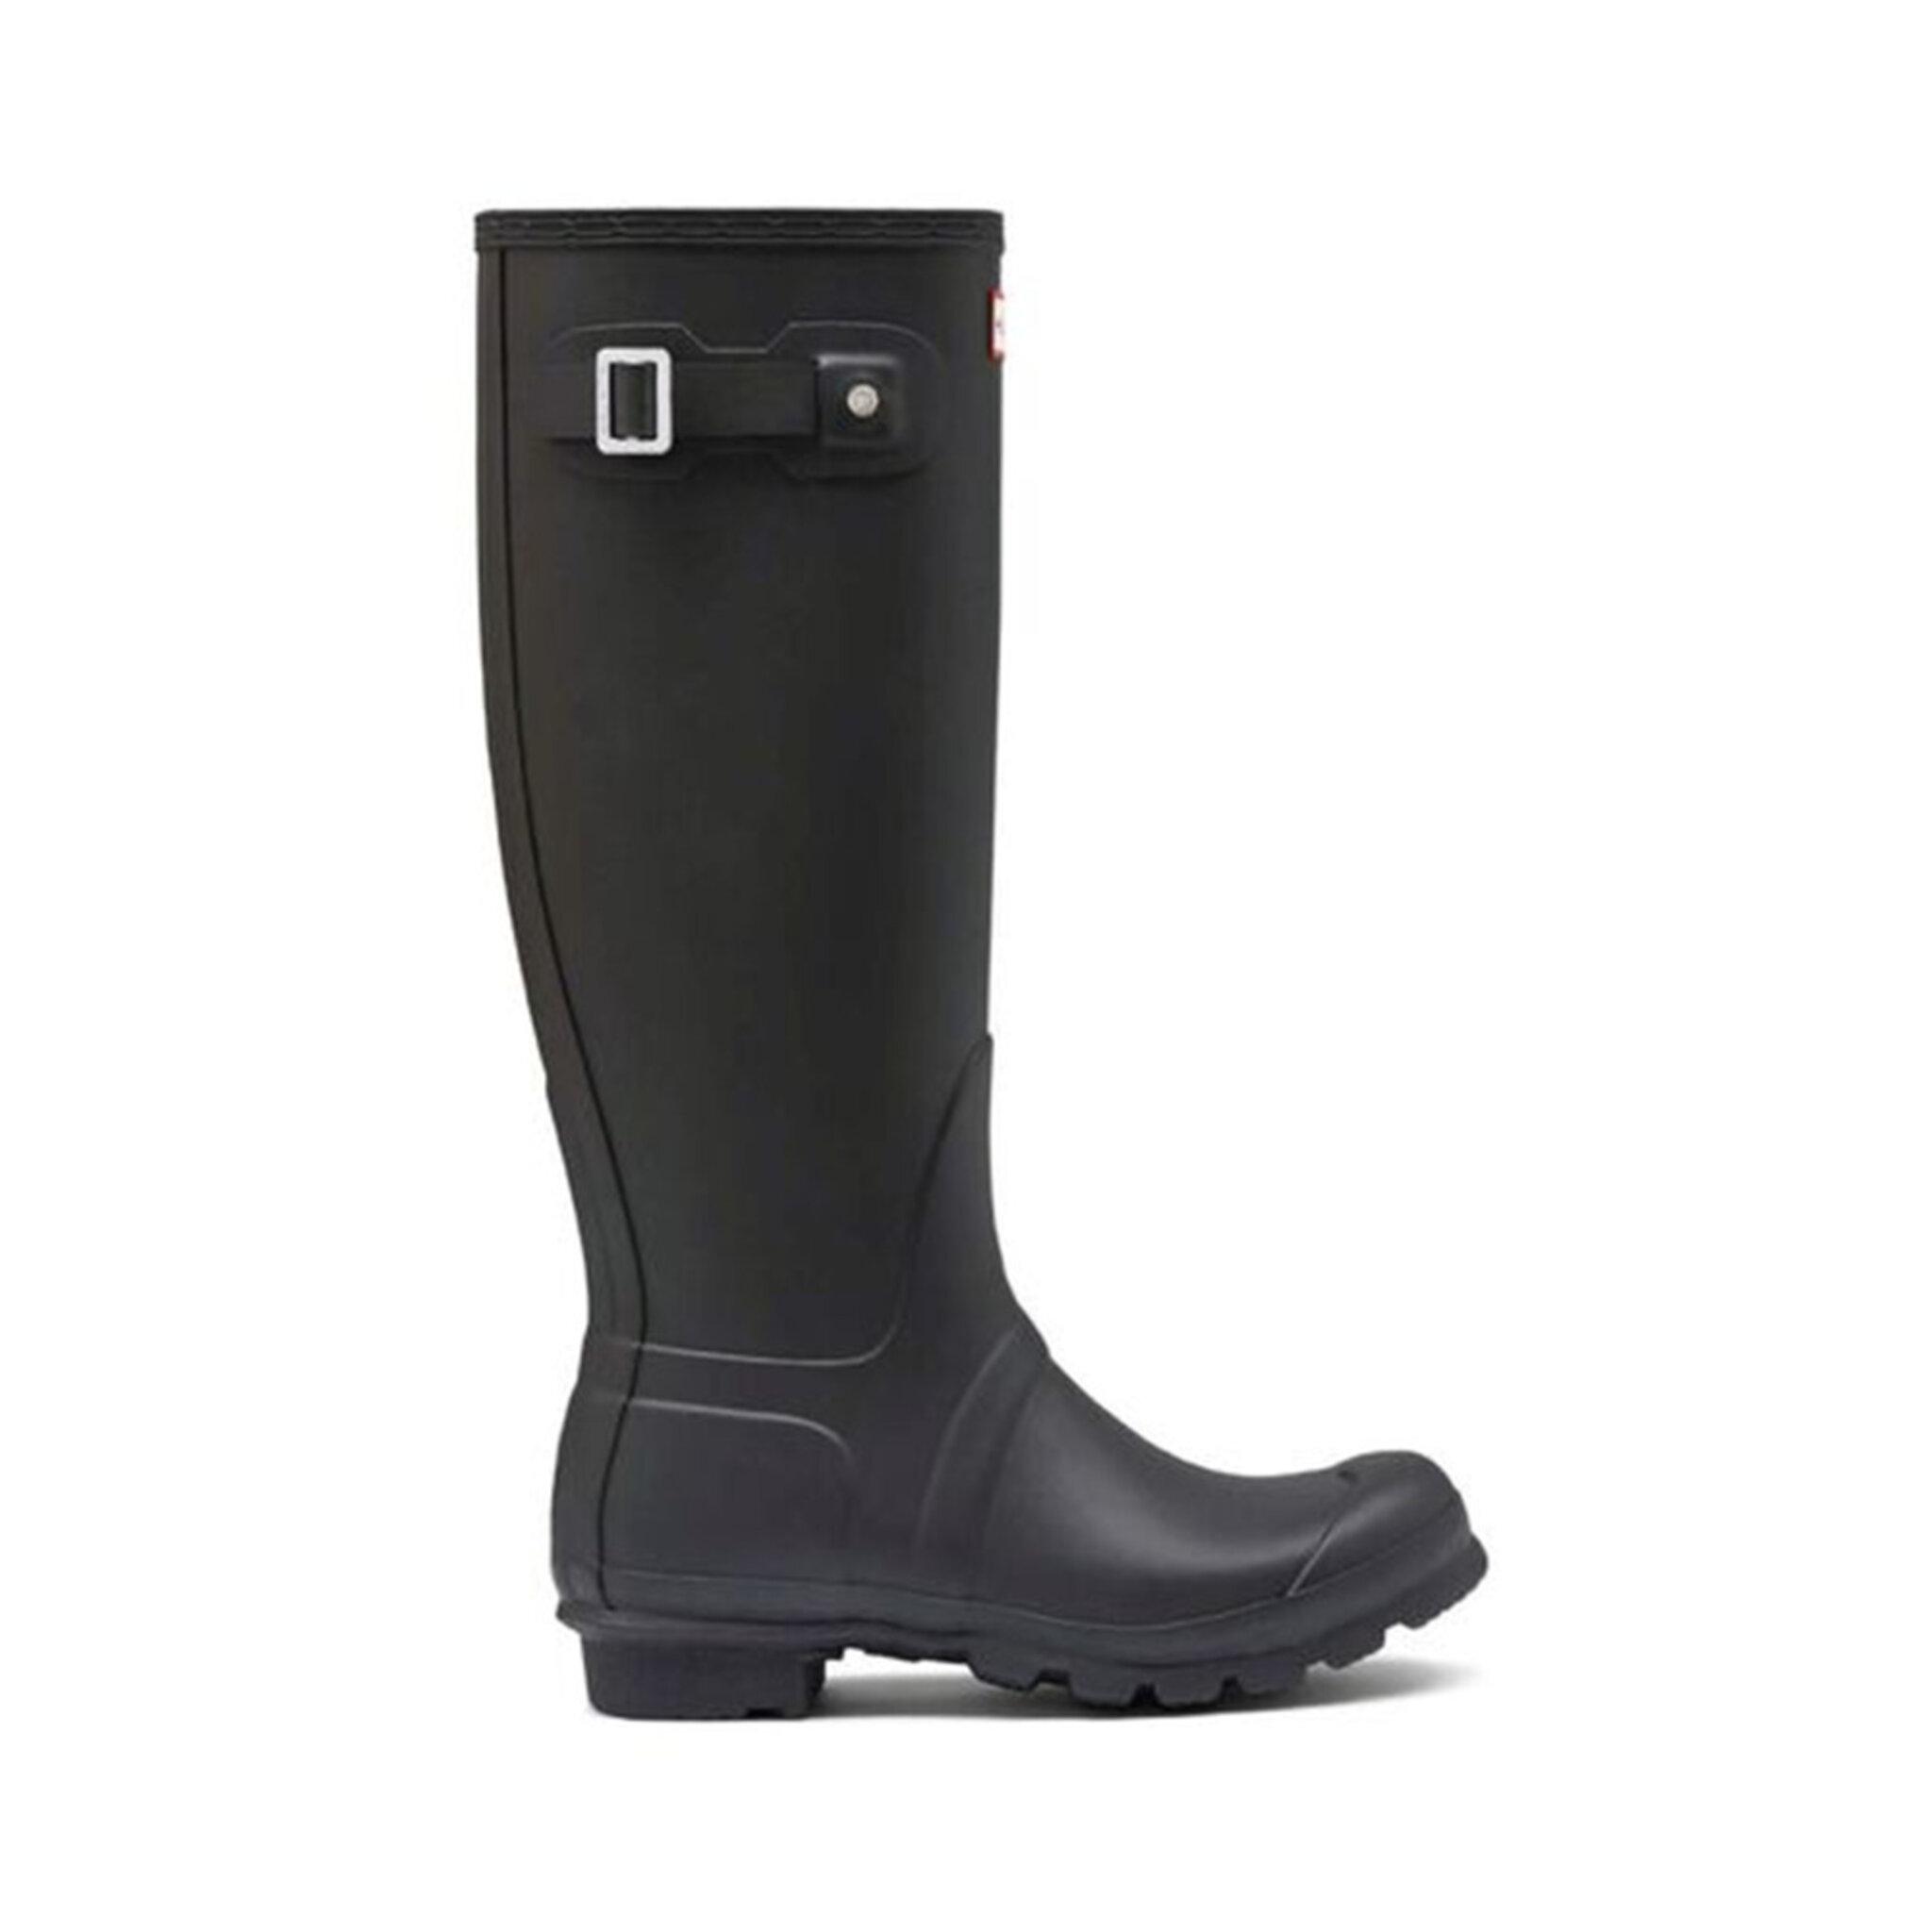 Gummistövlar, Anna Zip Stövlar & boots Köp online på